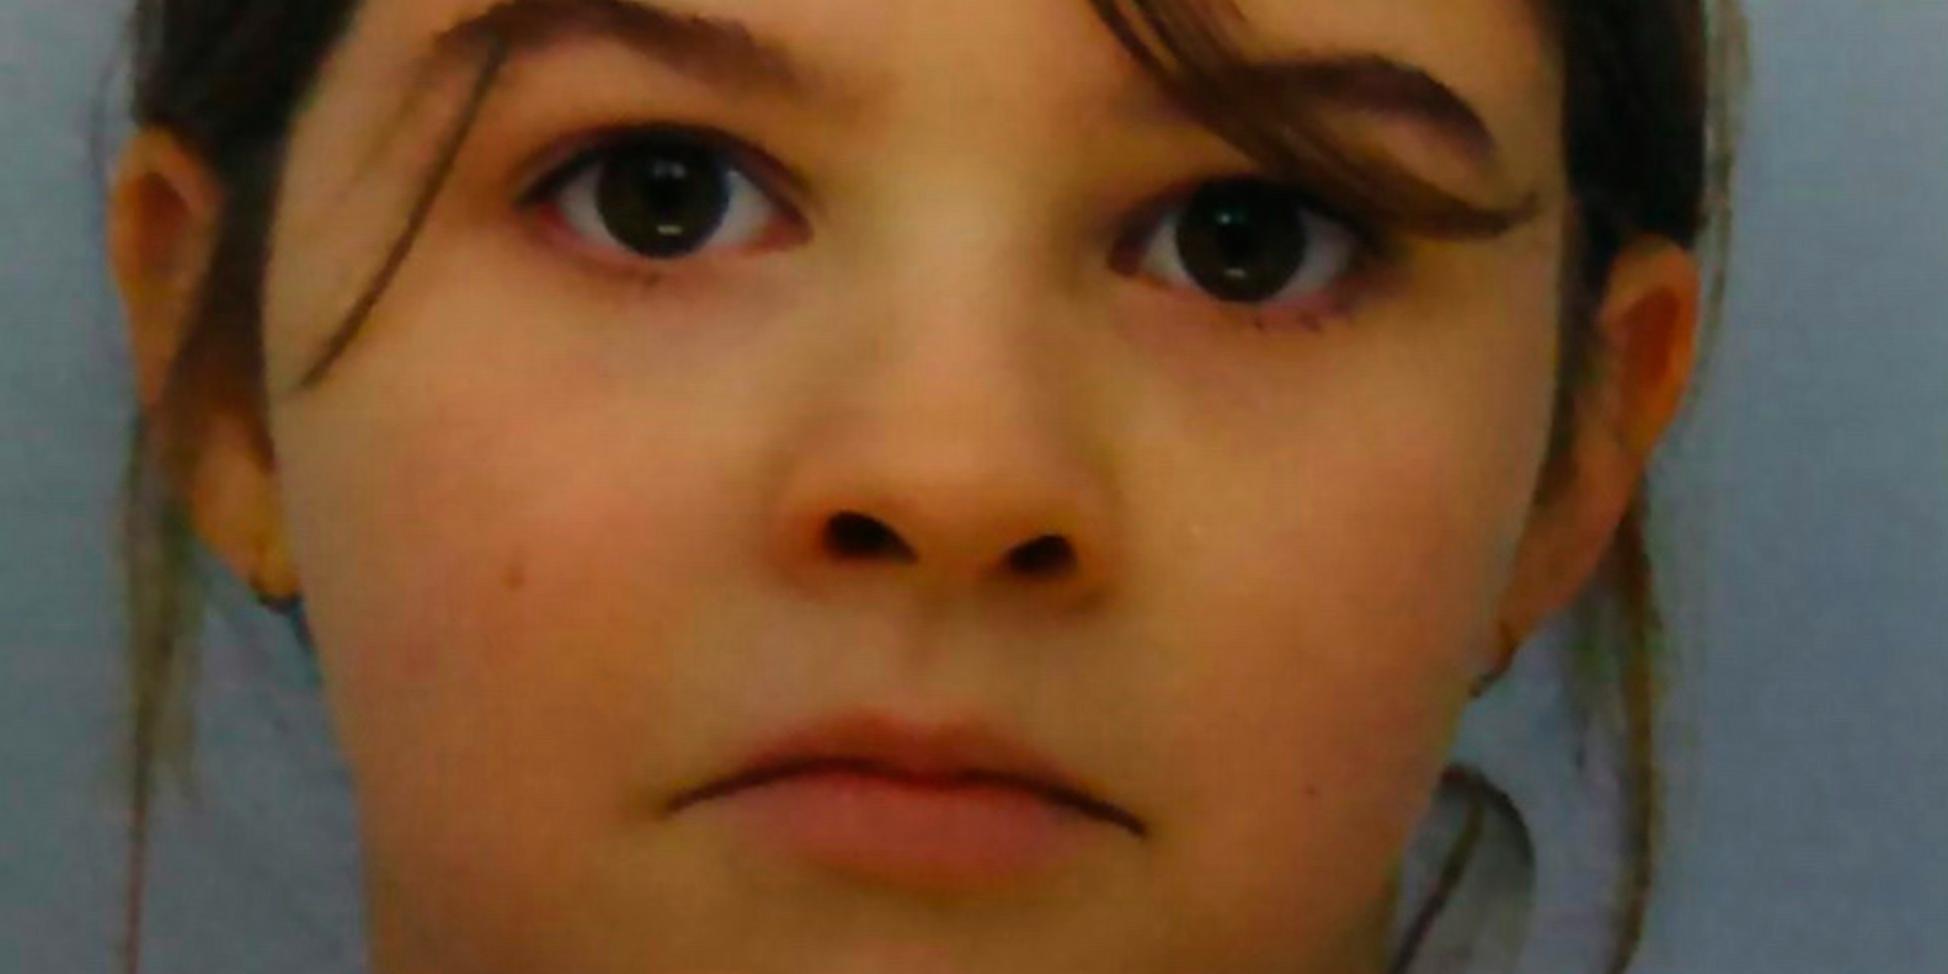 Alerte enlèvement : une fillette de 8 ans enlevée par trois hommes dans les Vosges